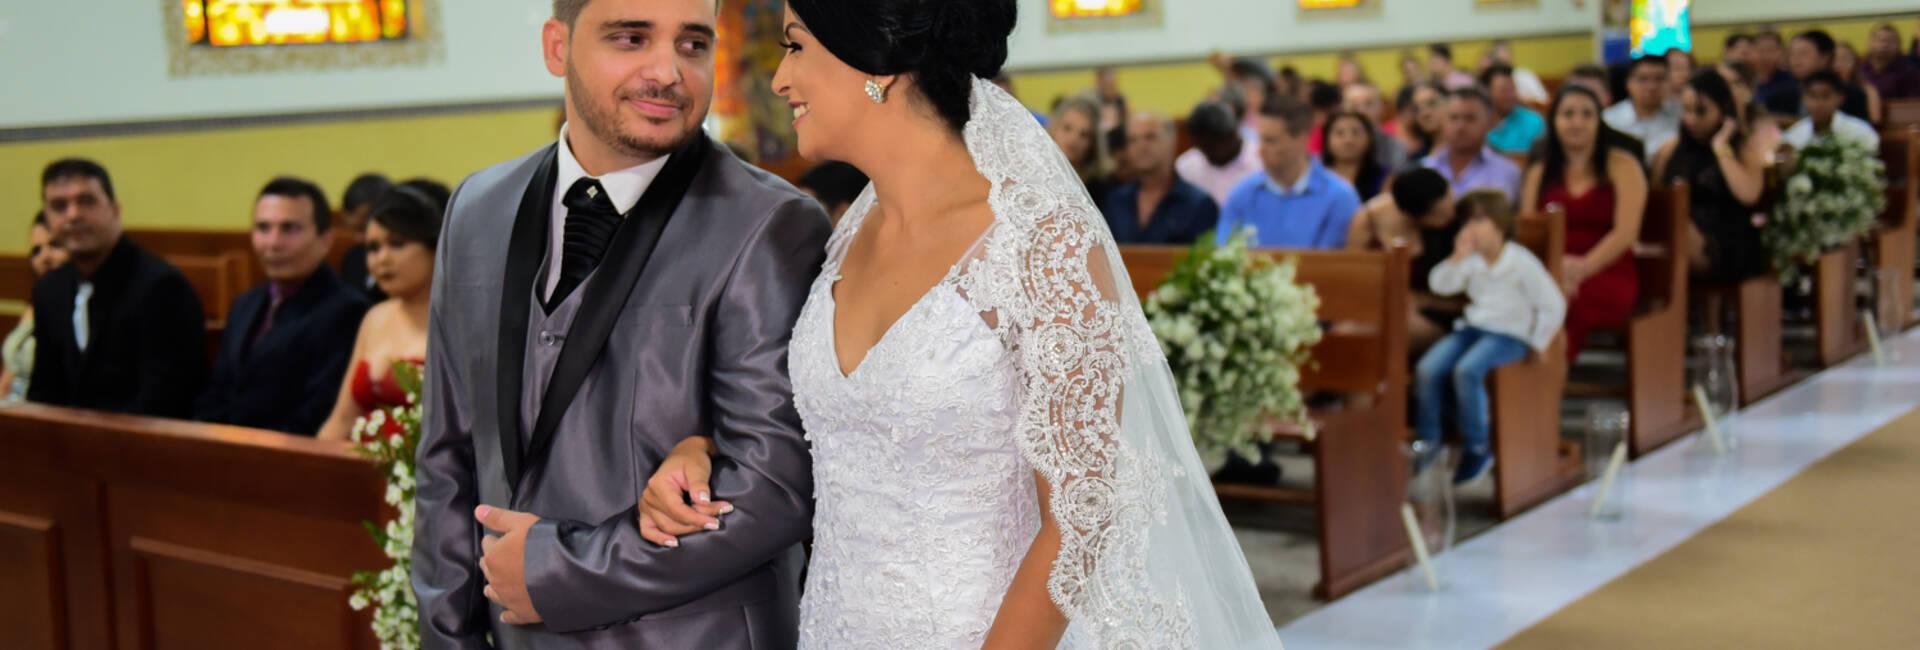 Casamento de Laylla e Humberto